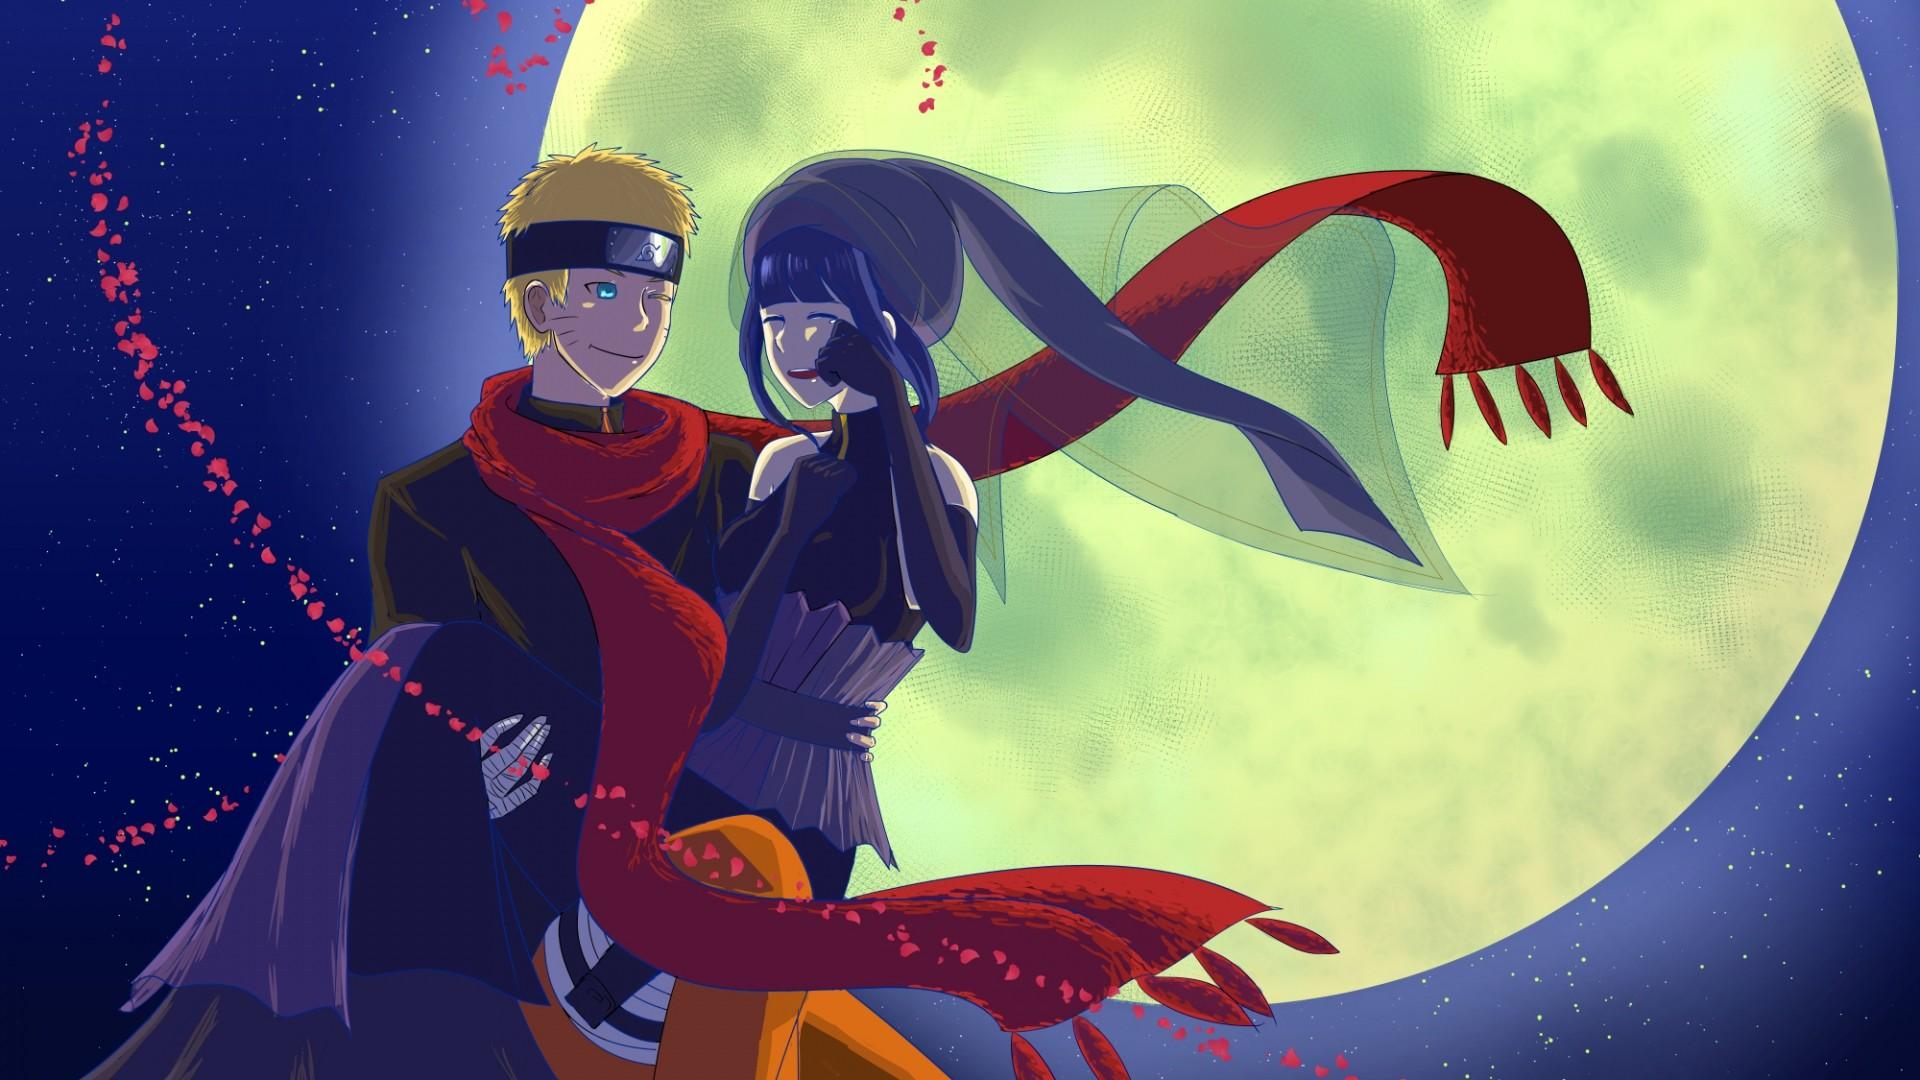 Wonderful Wallpaper Naruto Gambar - 495504-naruto-and-hinata-wallpapers-1920x1080-notebook  Gallery_873412.jpg